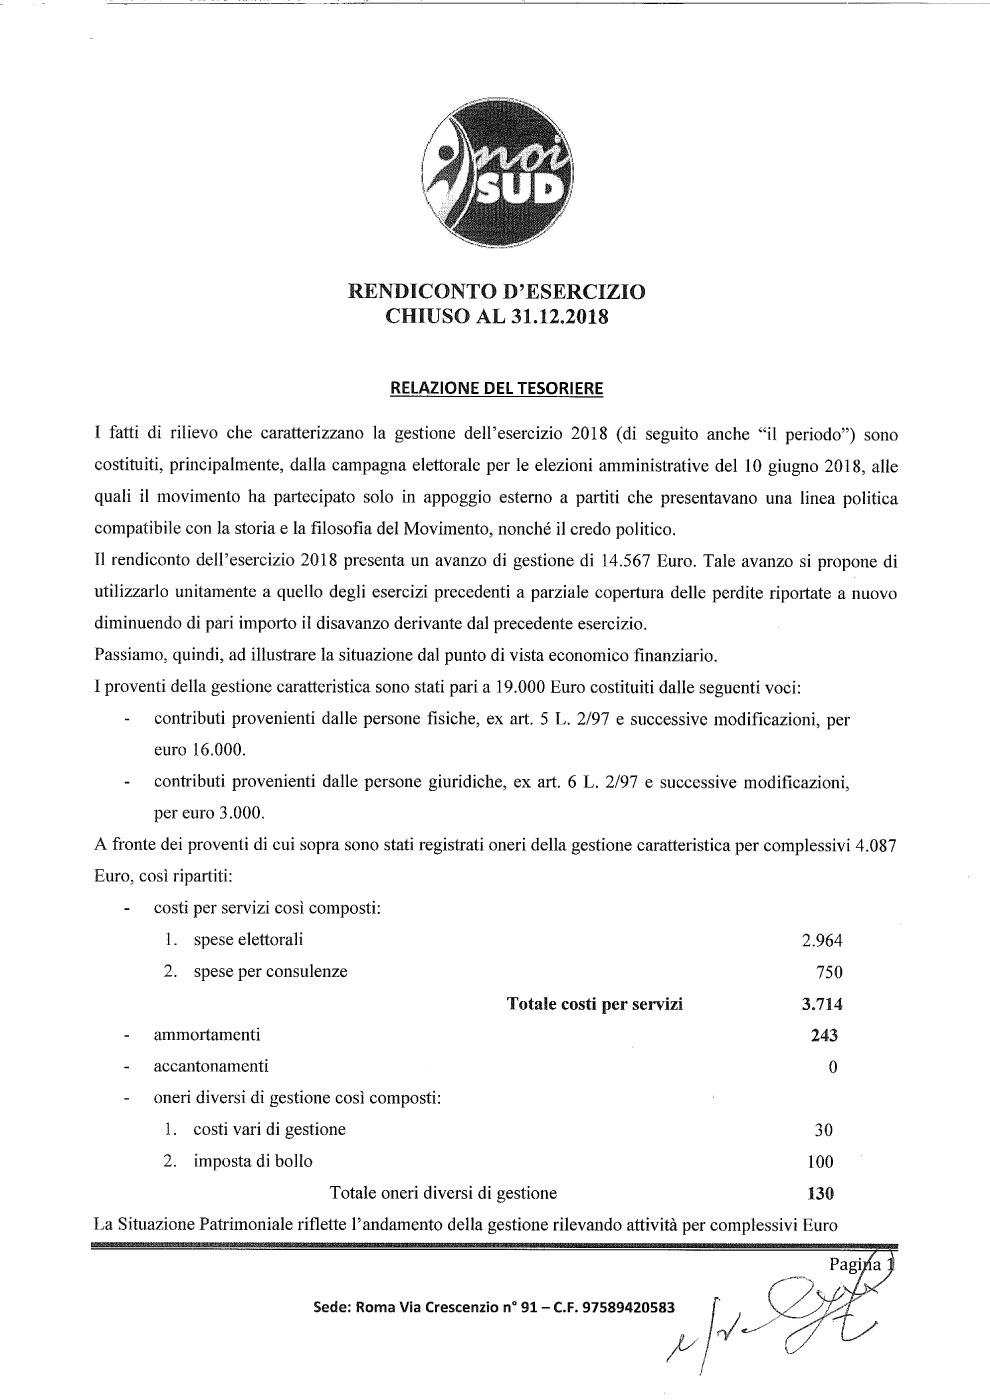 RELAZIONE-DEL-TESORIERE-3